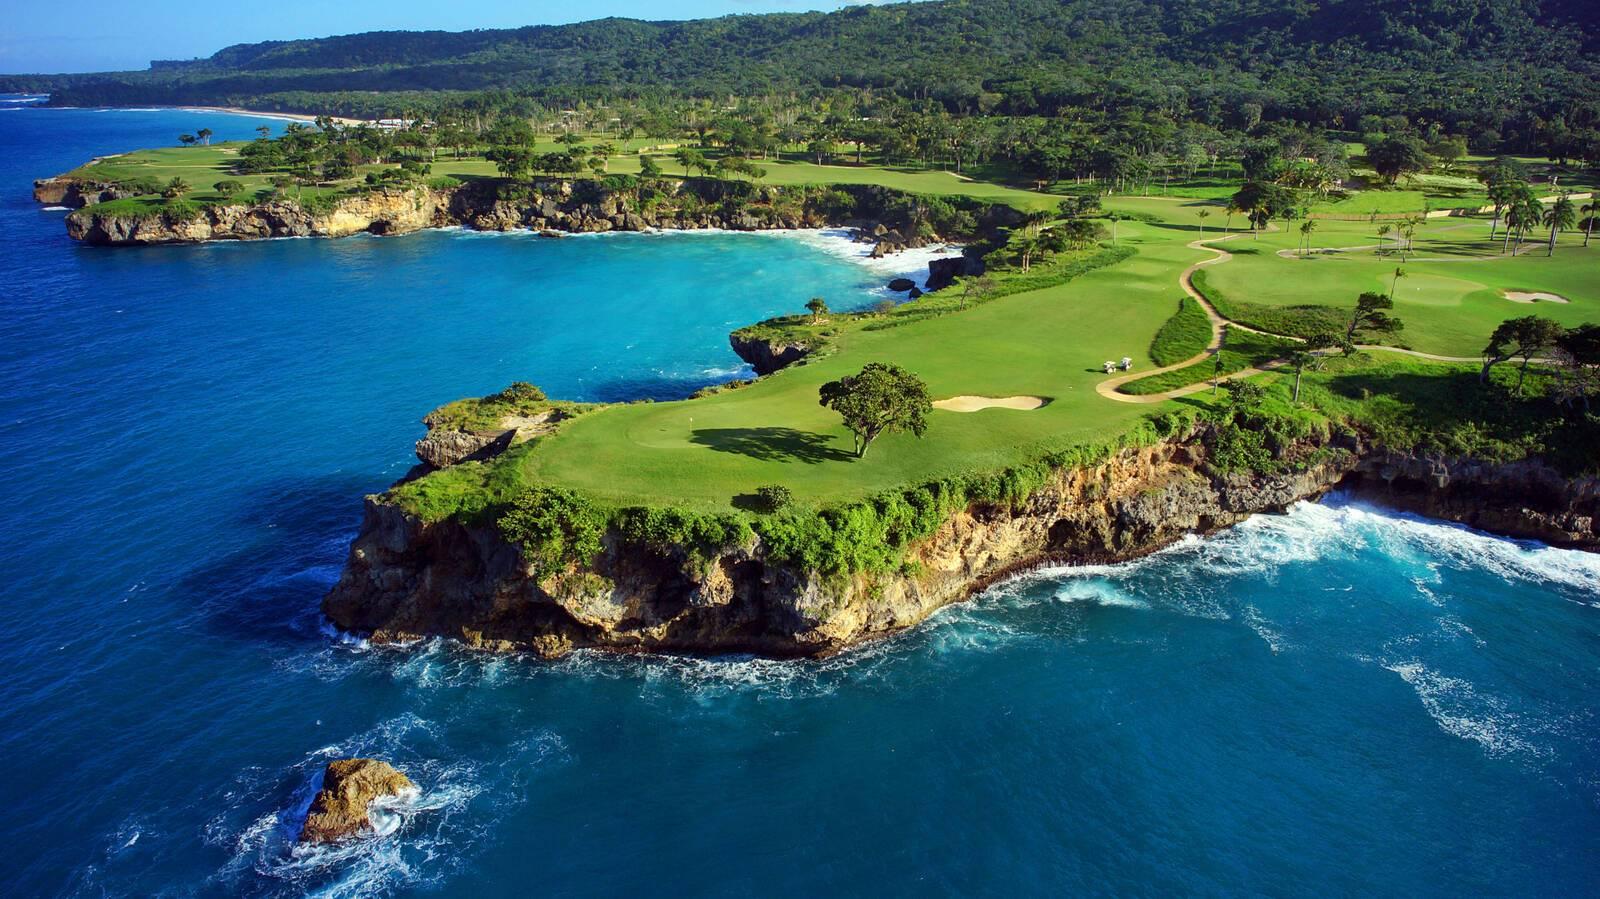 Amanera Golf Republique Dominicaine